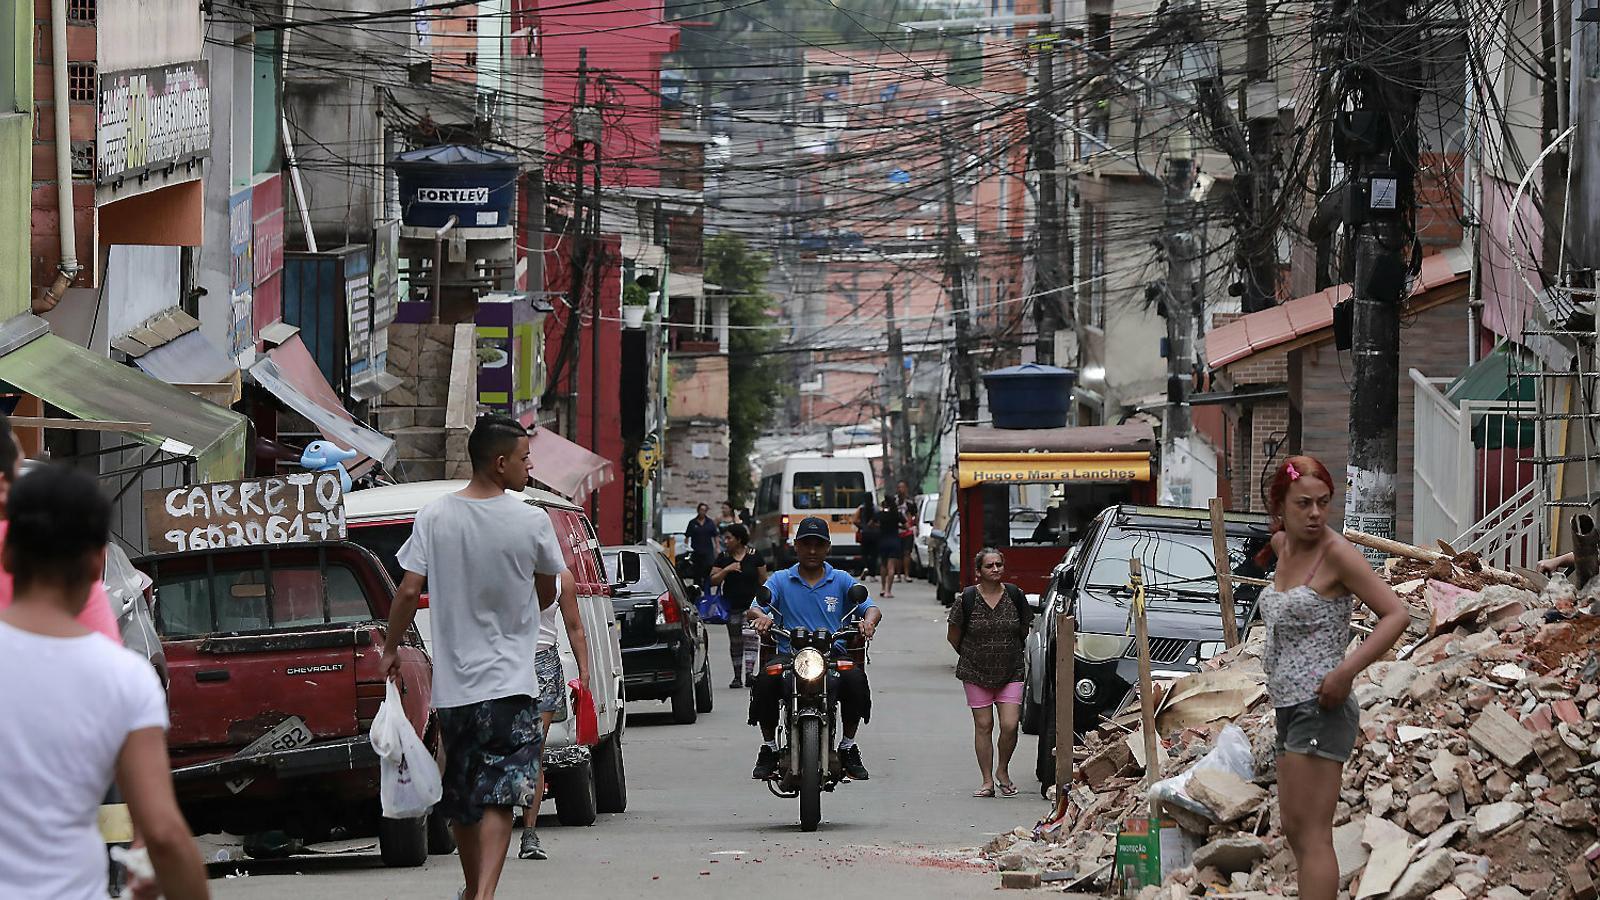 Guerra pel control de les faveles a Rio en plena crisi del covid-19